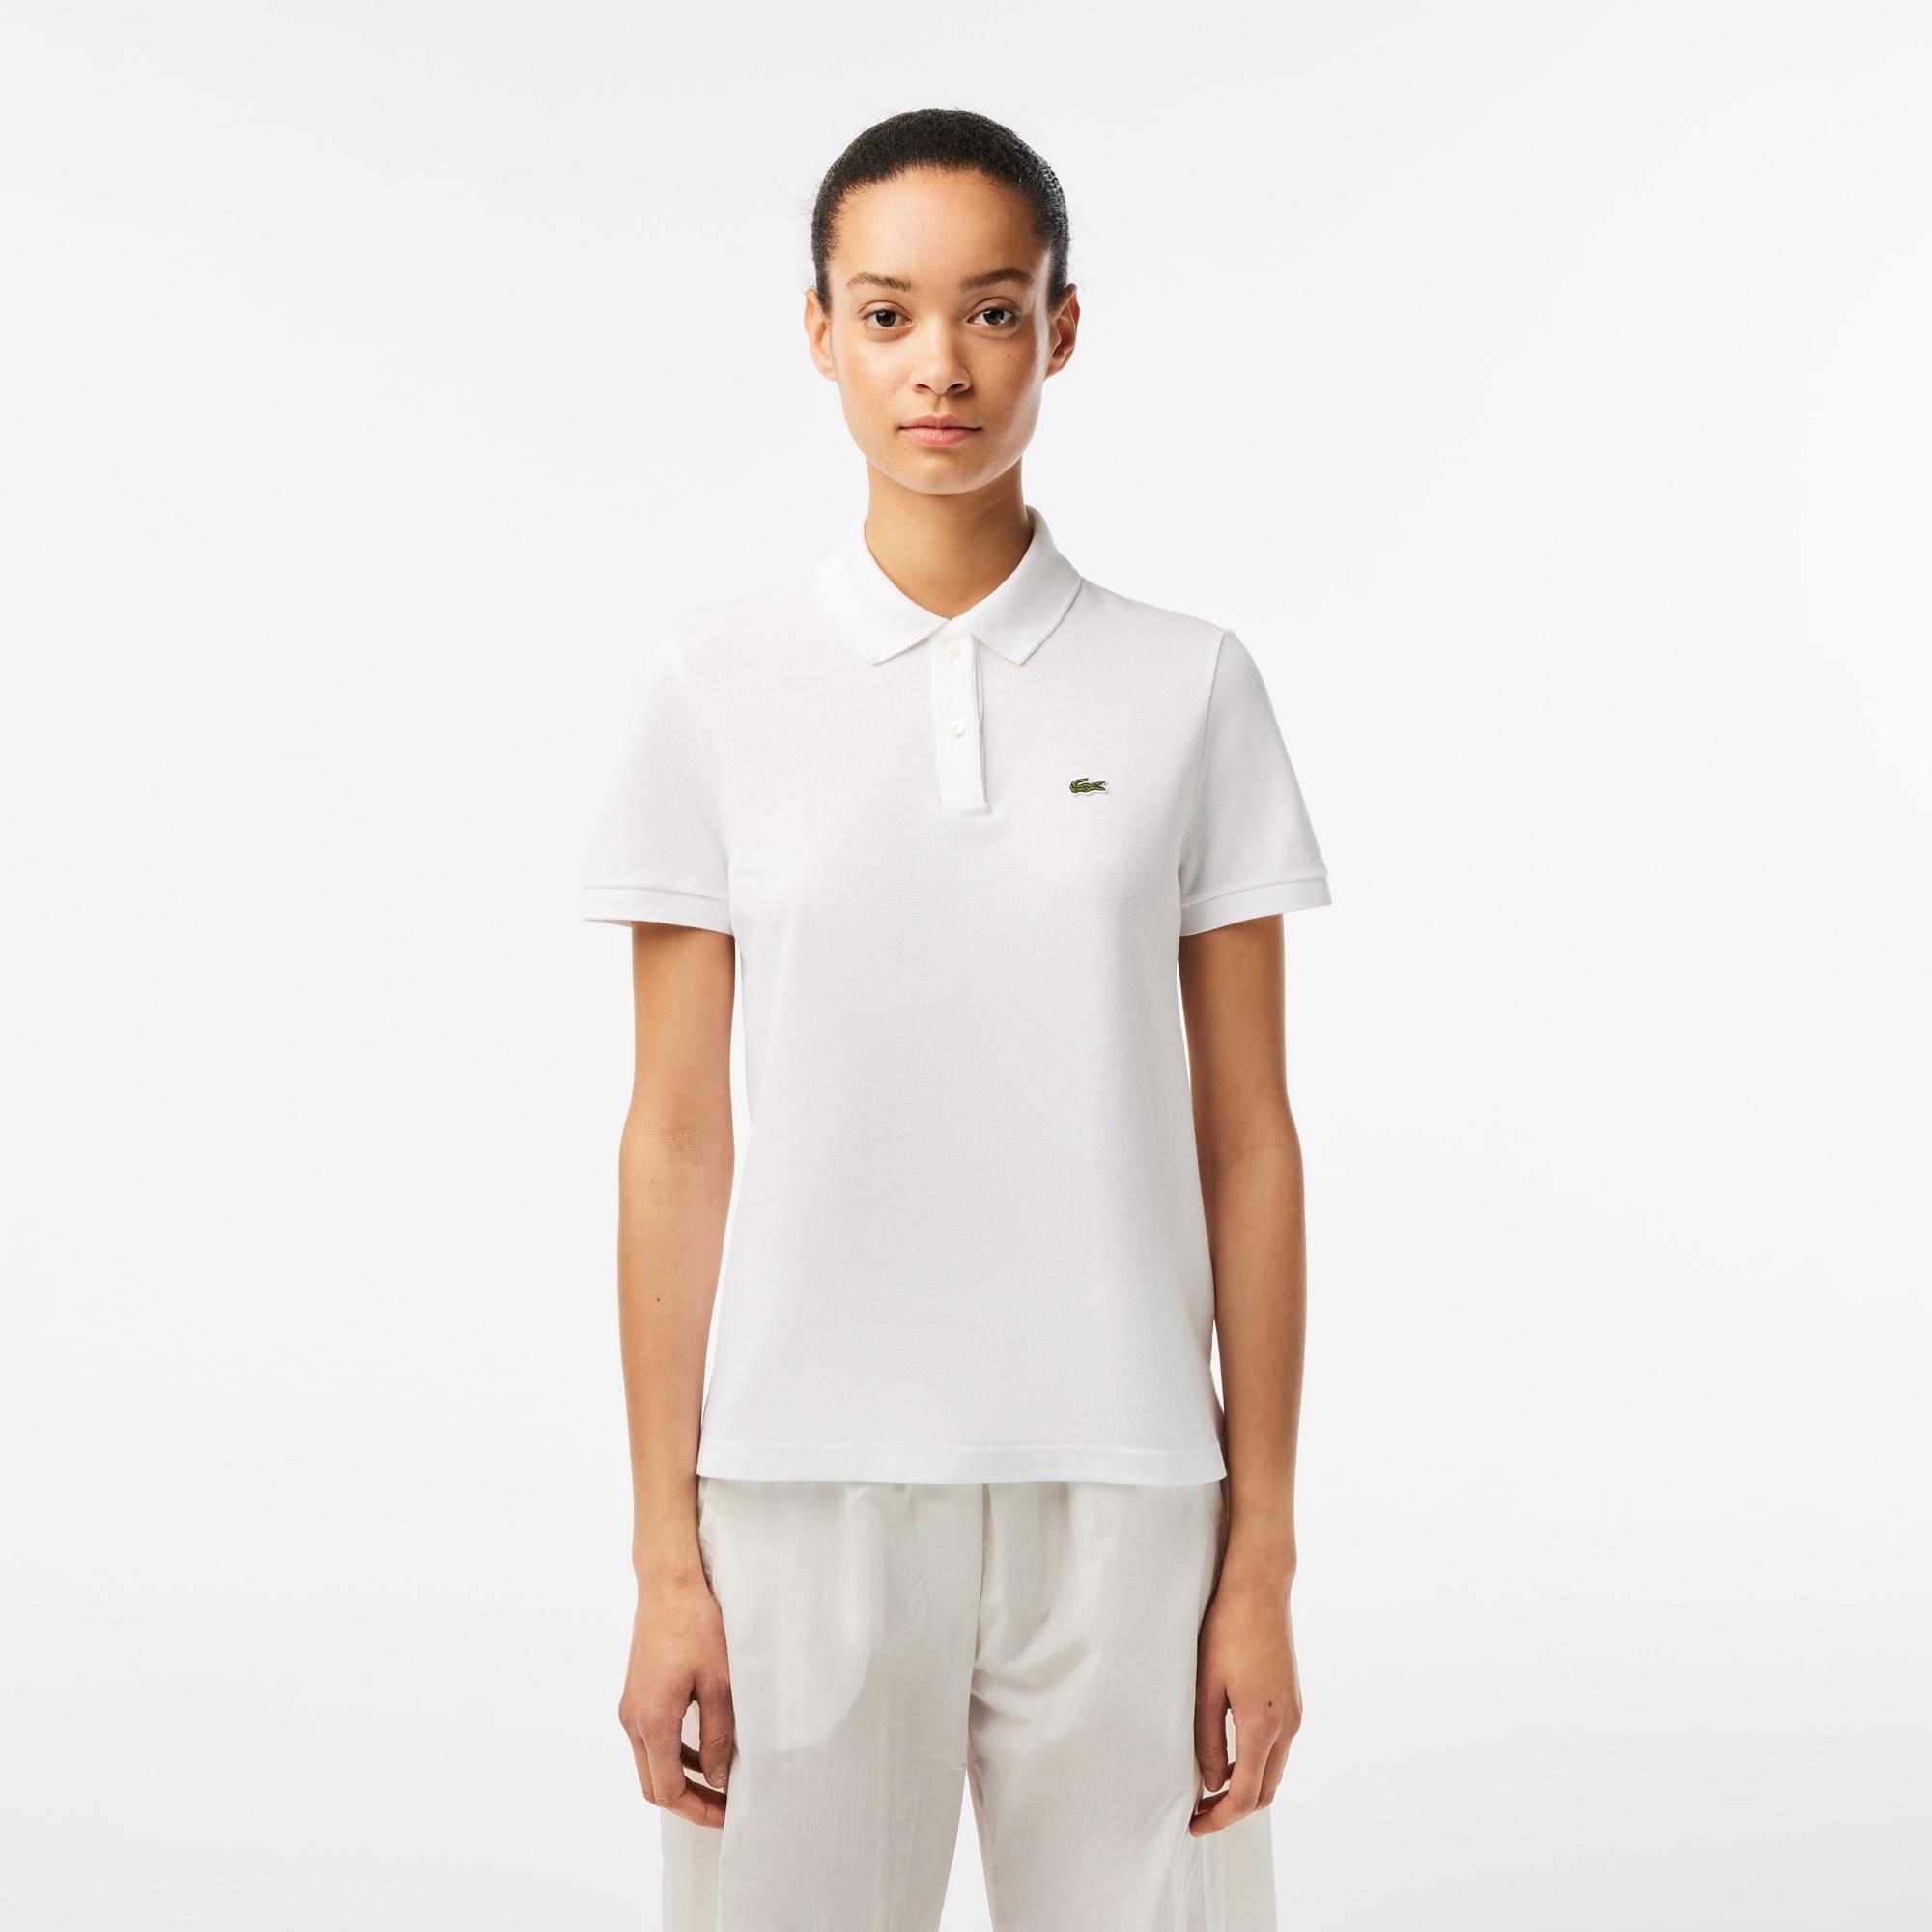 Women 39 S Polo Shirts Women 39 S Fashion Lacoste